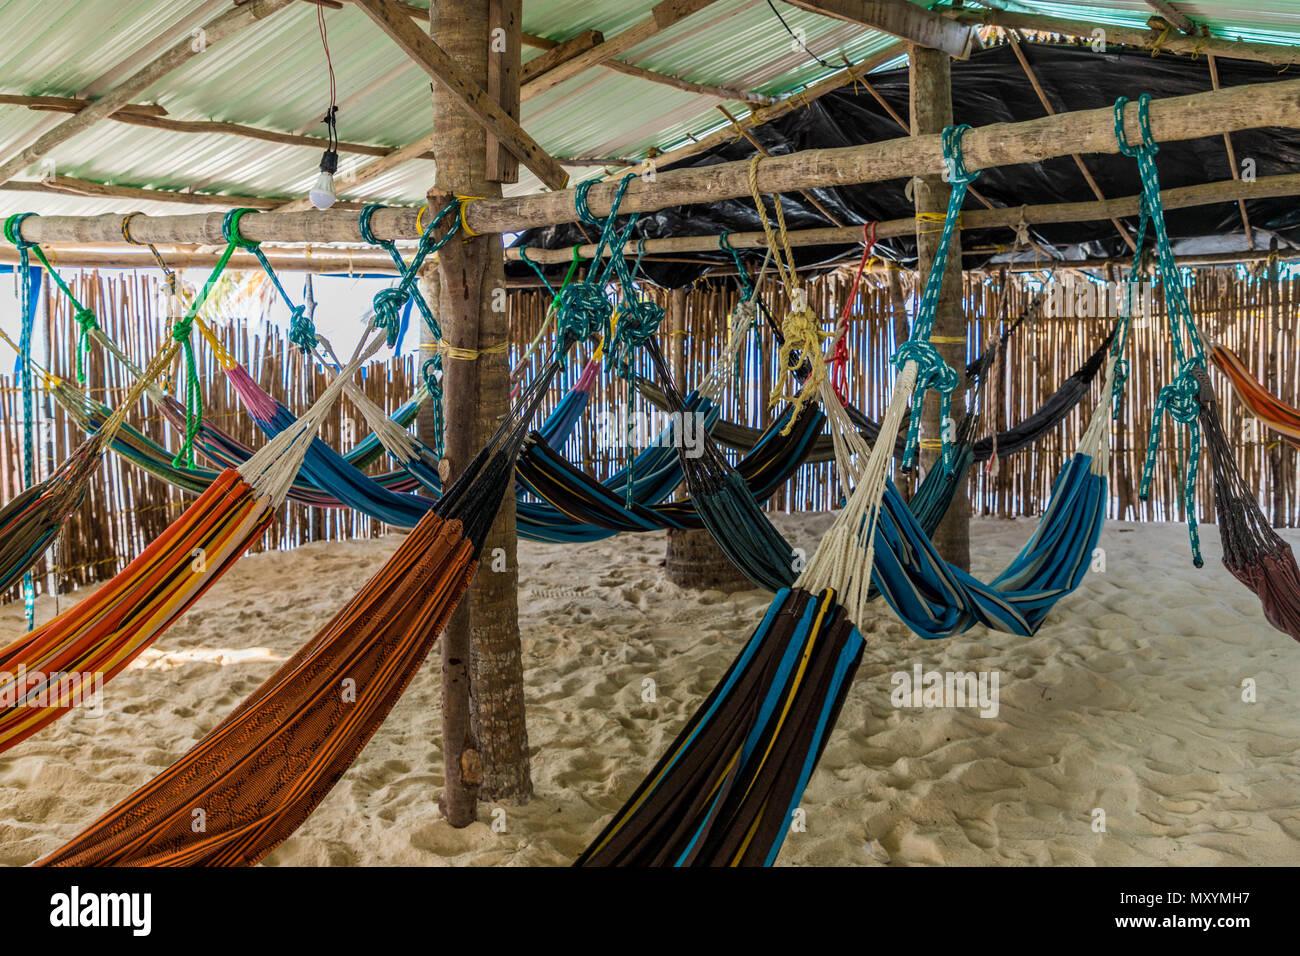 basic dormitory in paradise - Stock Image